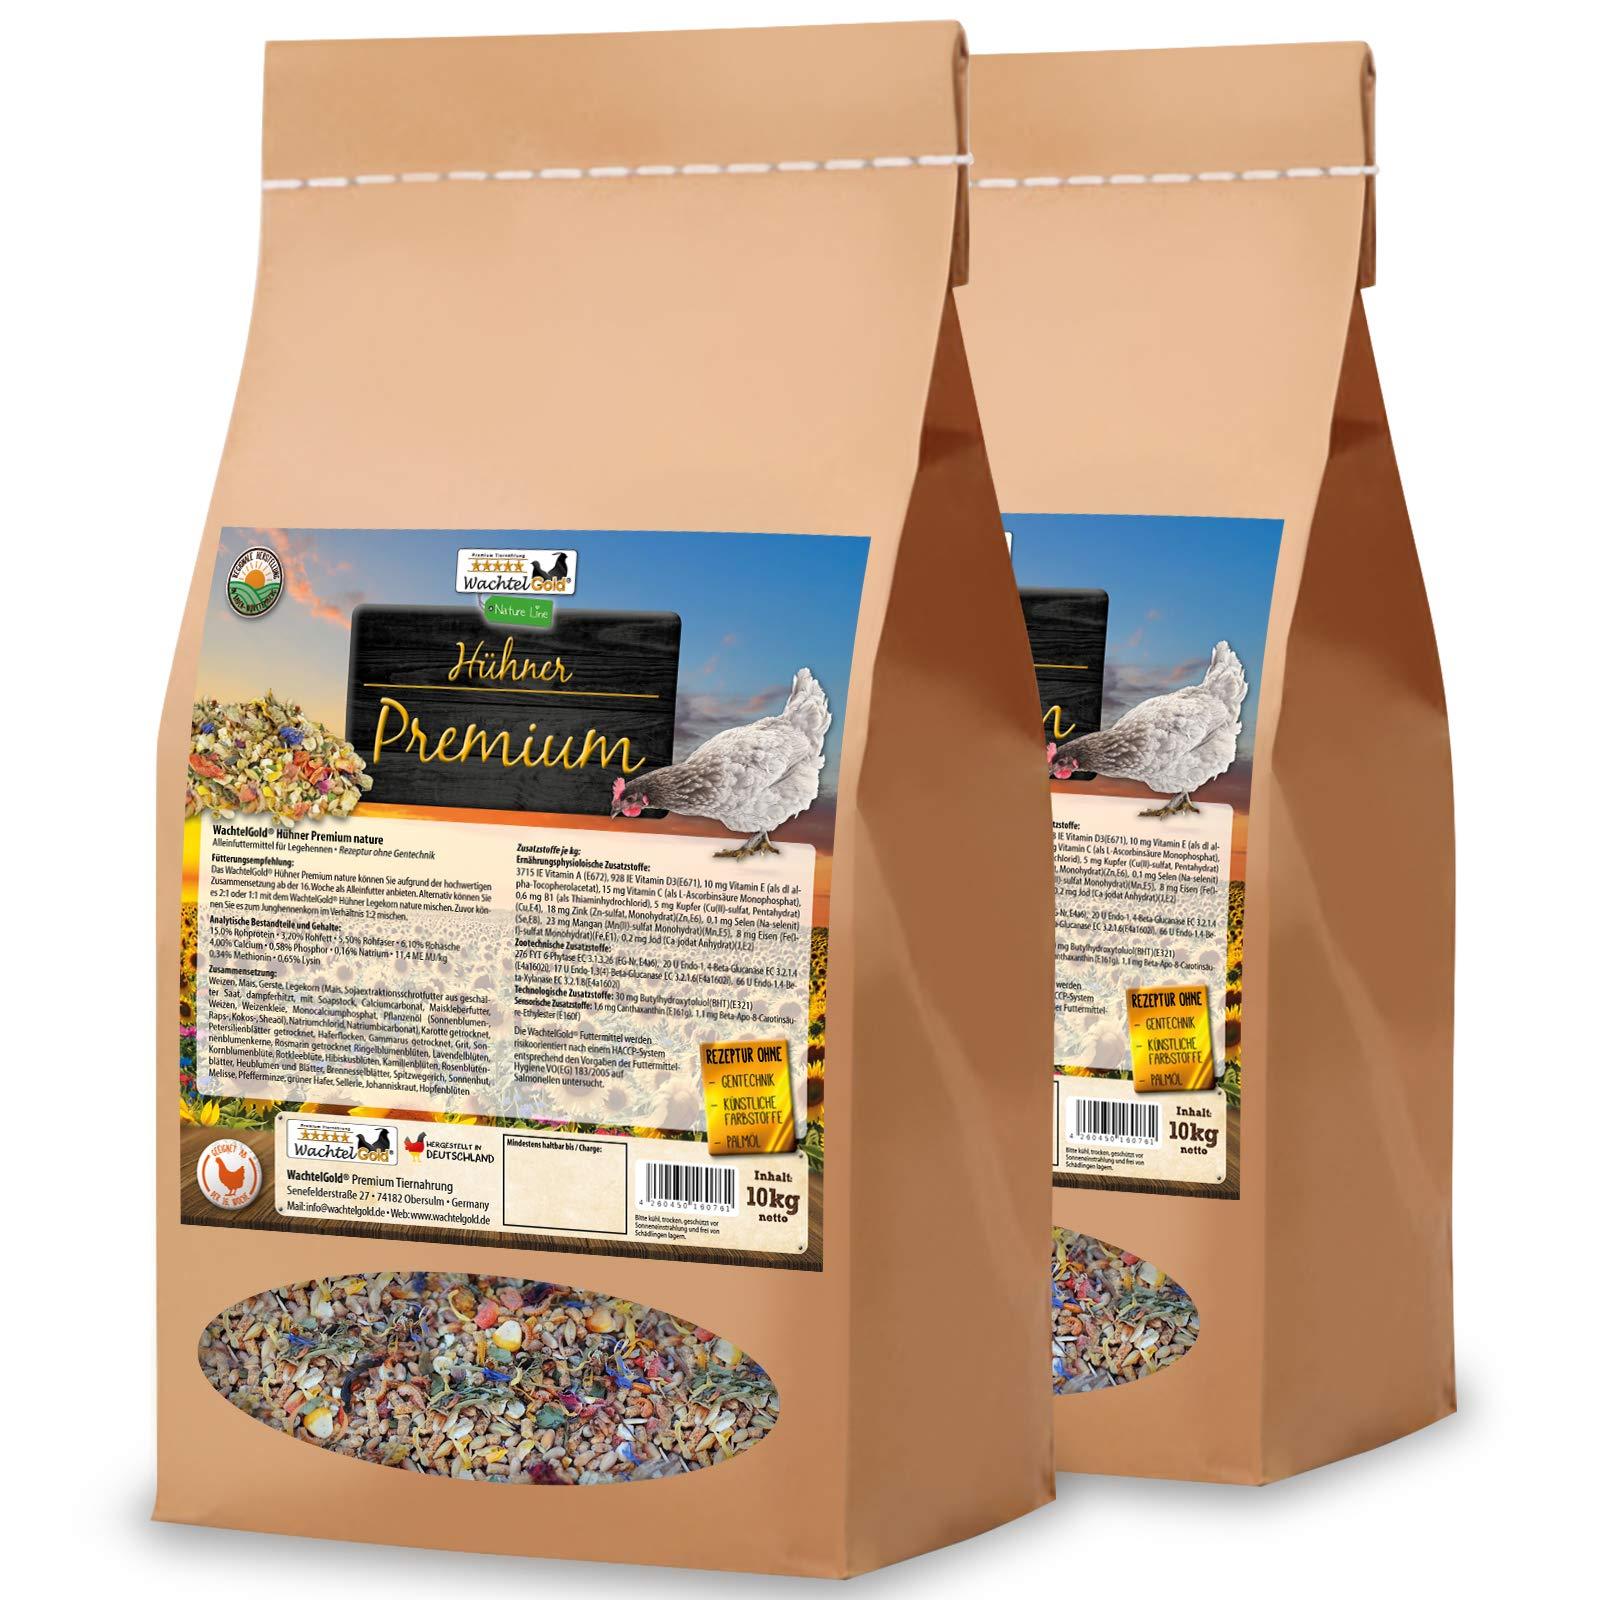 WachtelGold® Comida Premium de Pollo │ 20kg │ ✓ sin OGM │ con Muchas Hierbas, Semillas de chia y levadura de Cerveza │ Ideal para Pollos: Amazon.es: Productos para mascotas